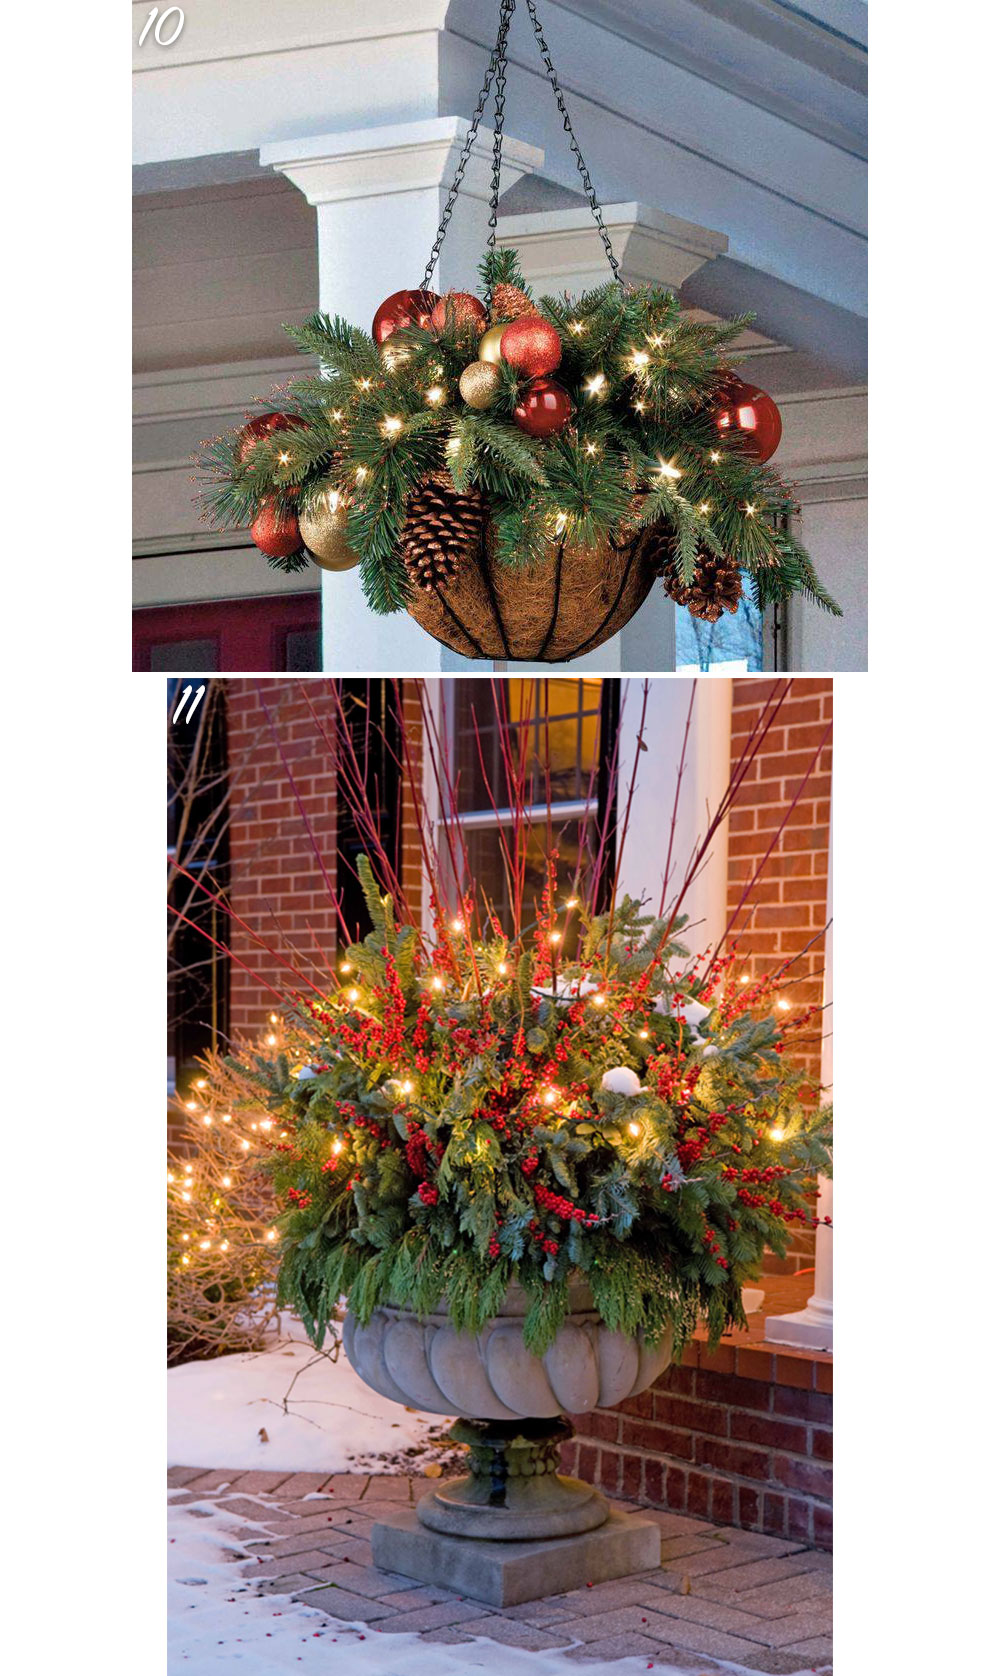 Home Planter Holiday Decor